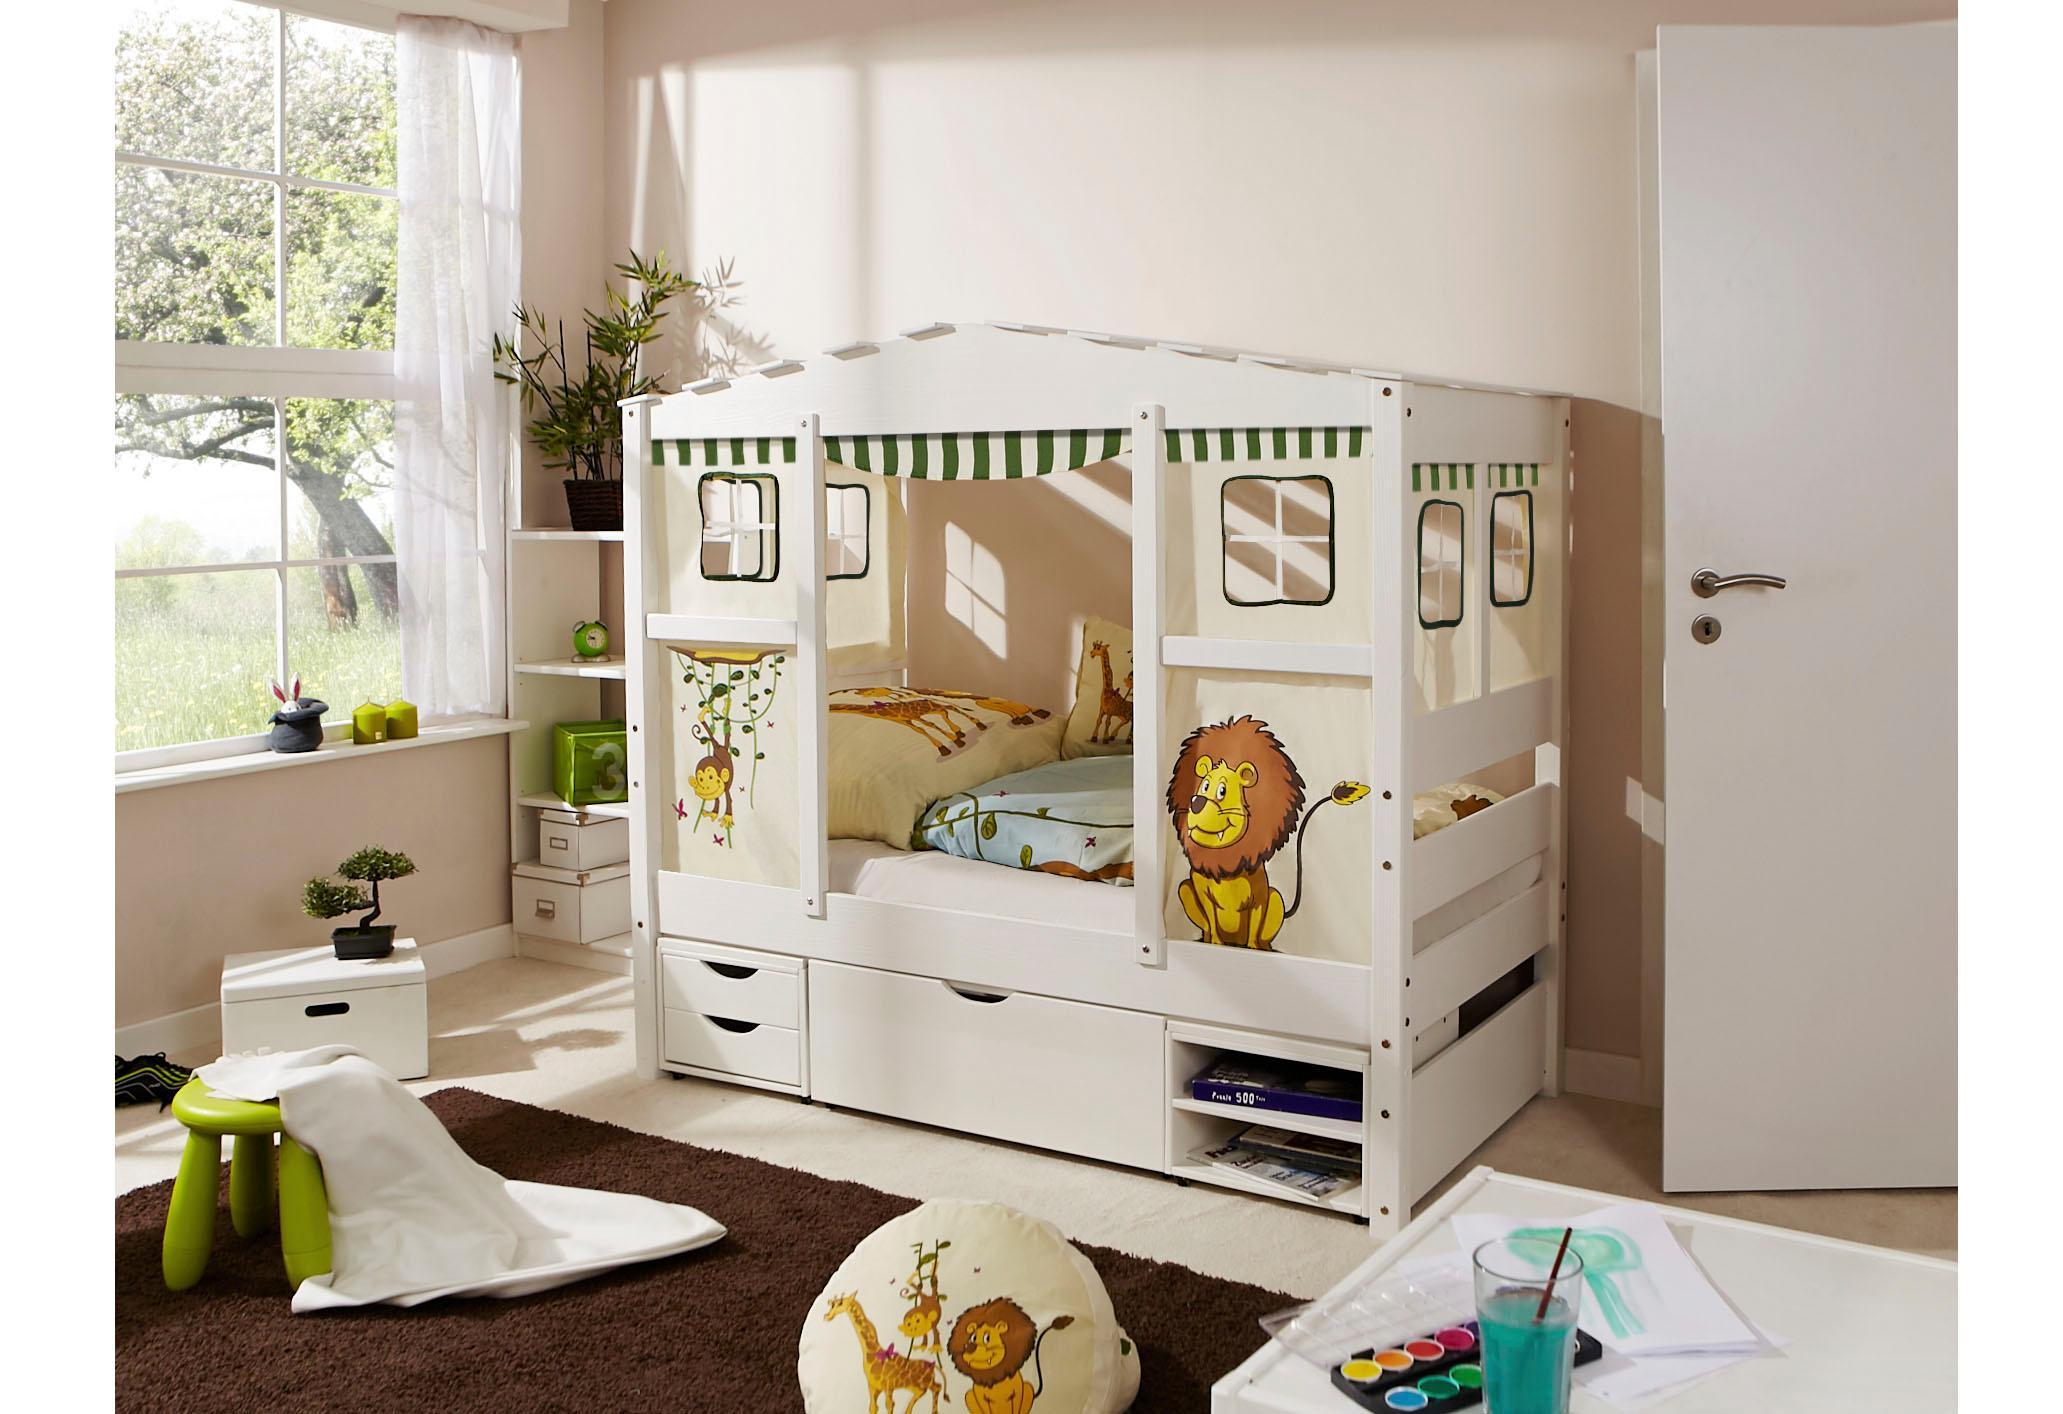 Ticaa Hausbett Lio bunt Kinder Kinderbetten Kindermöbel